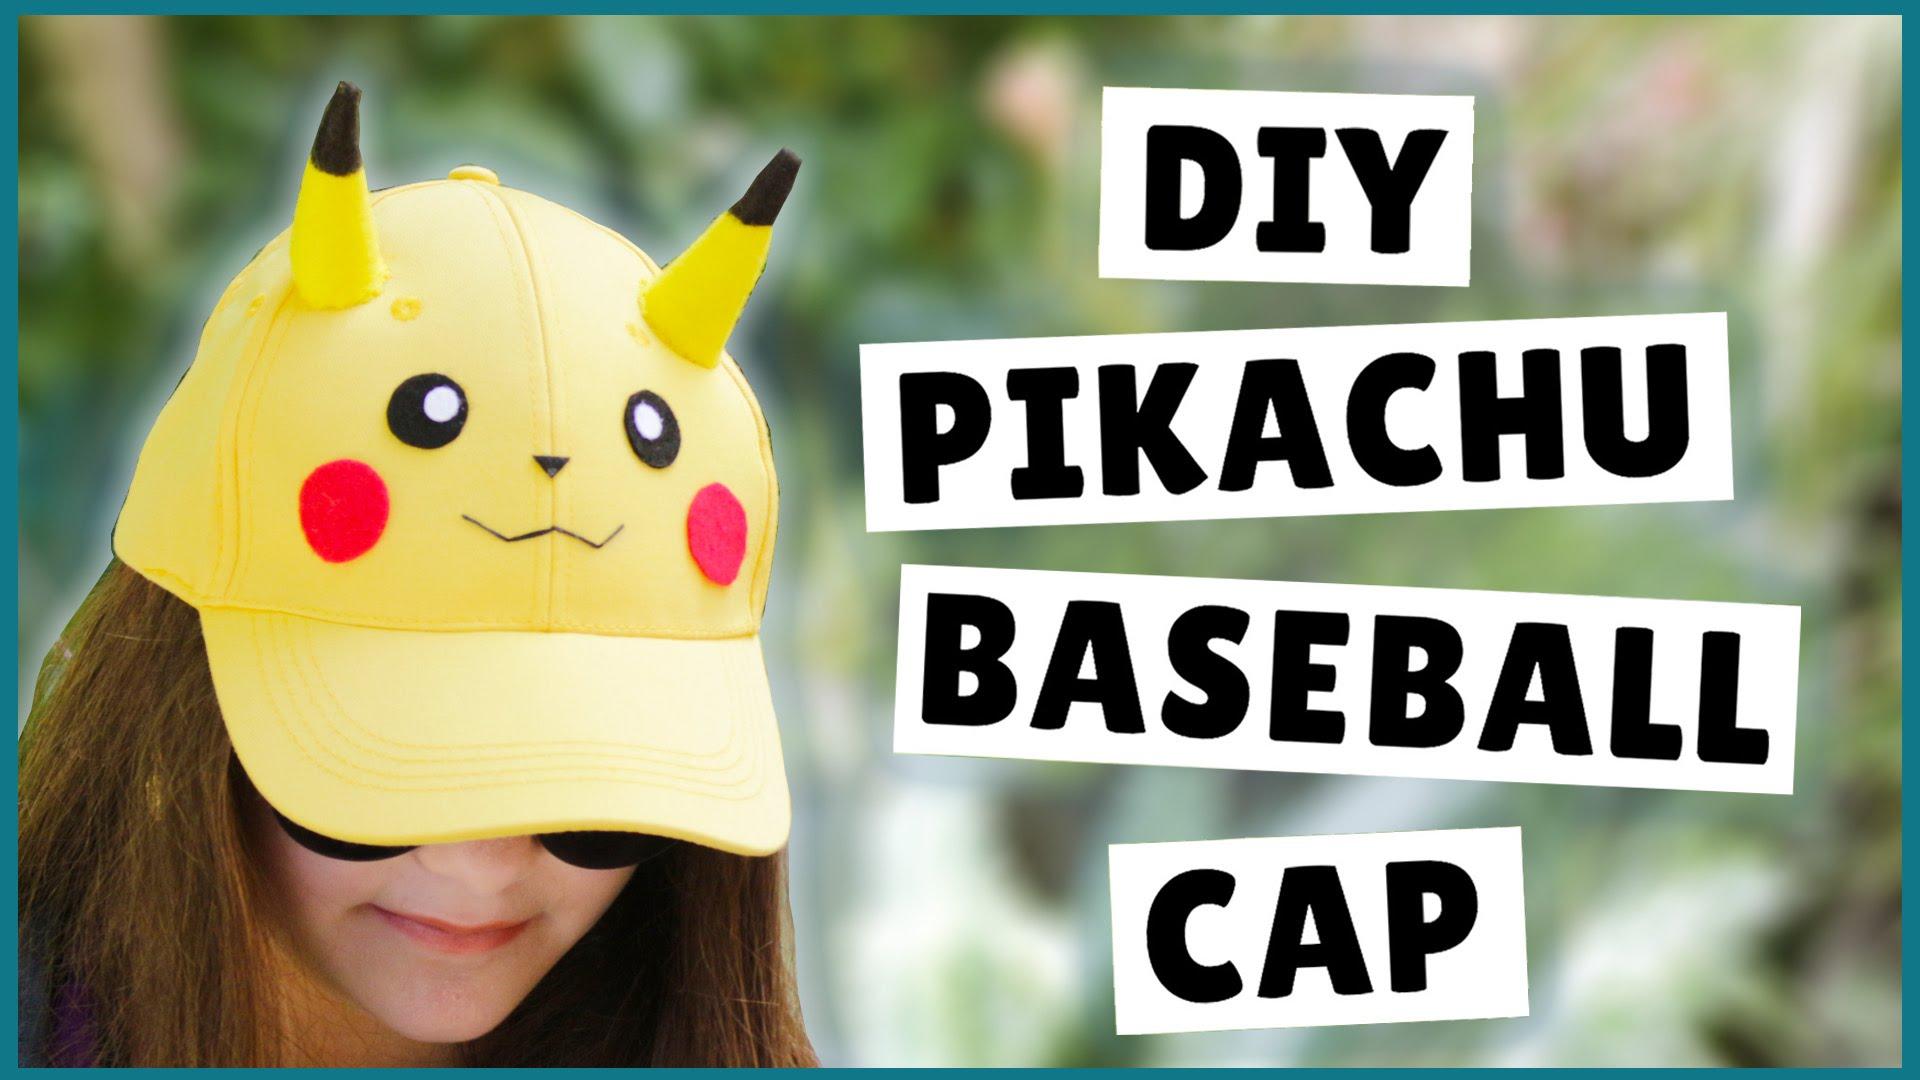 Diy pikachu baseball cap